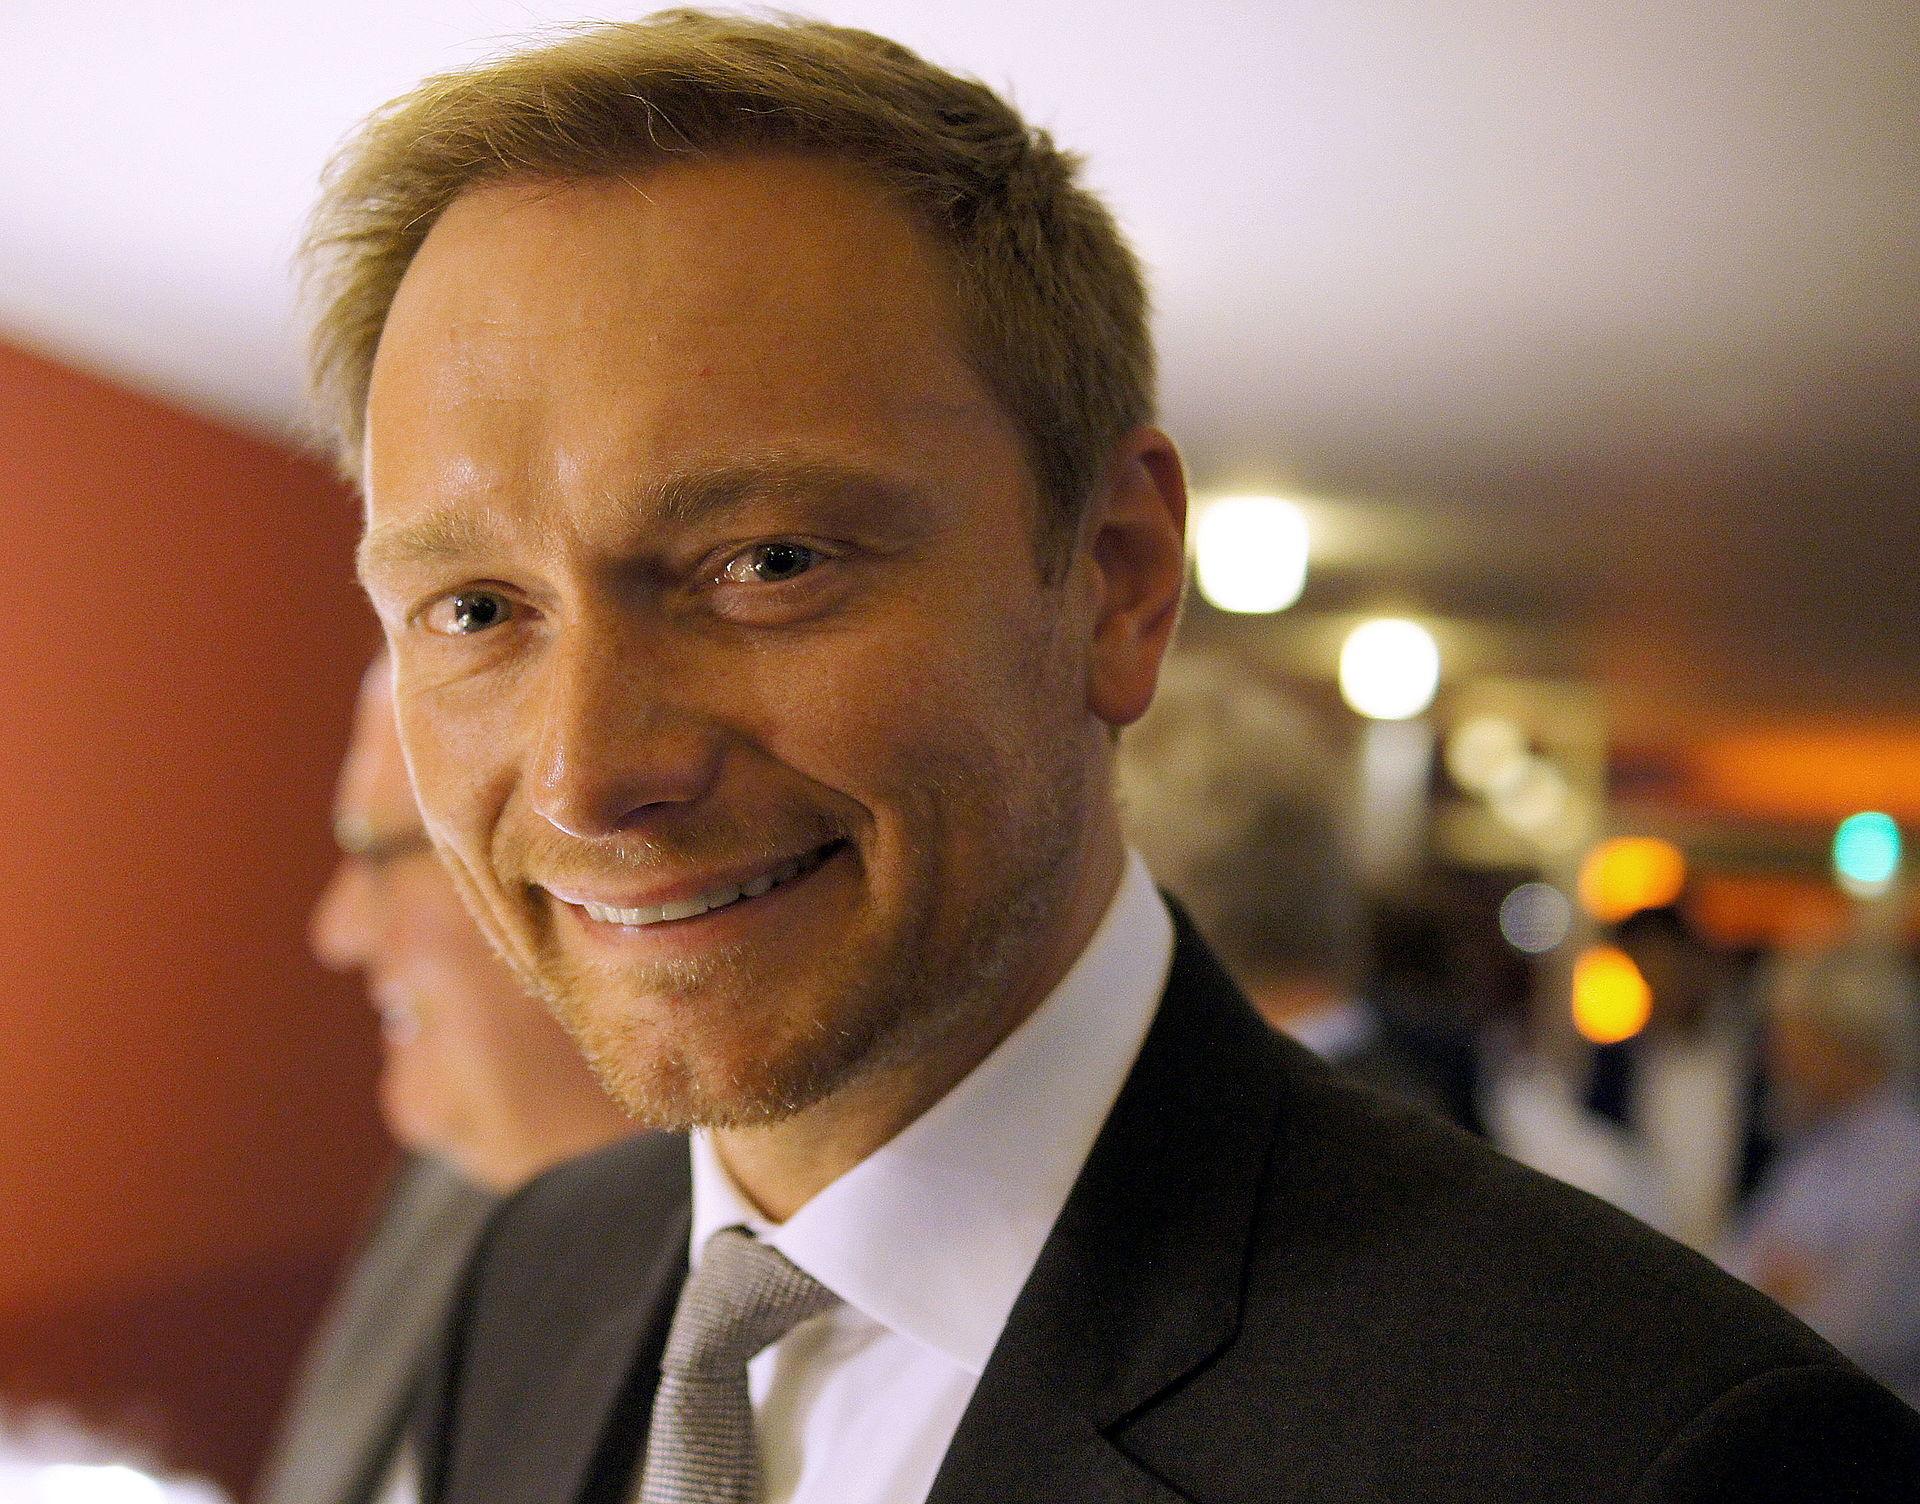 Maischberger Christian Lindner